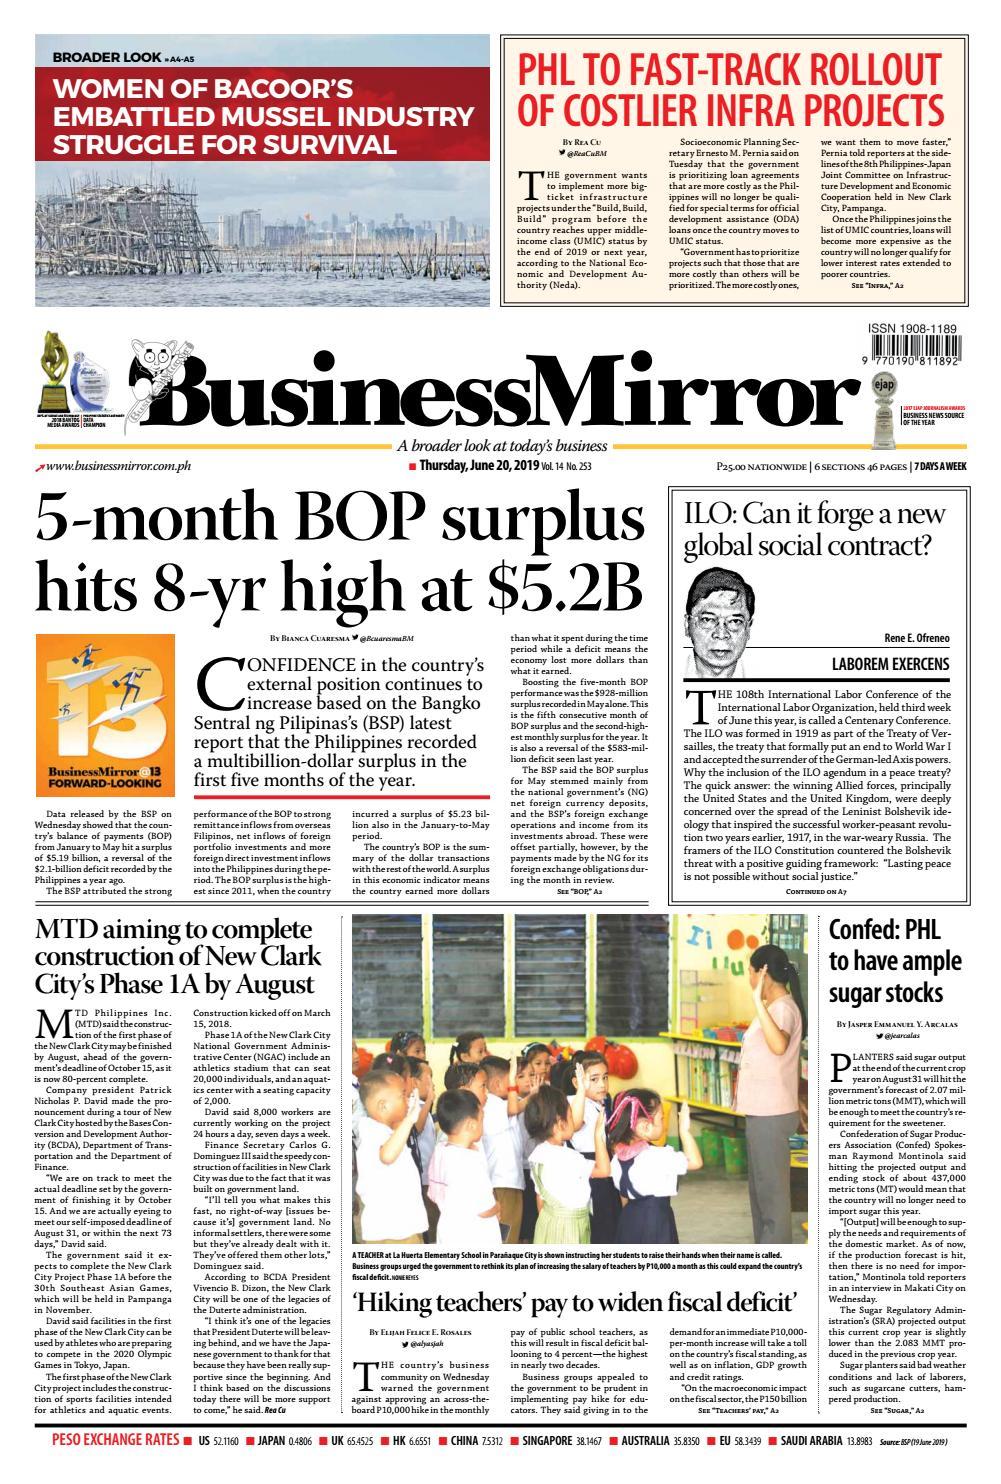 BusinessMirror June 20, 2019 by BusinessMirror - issuu